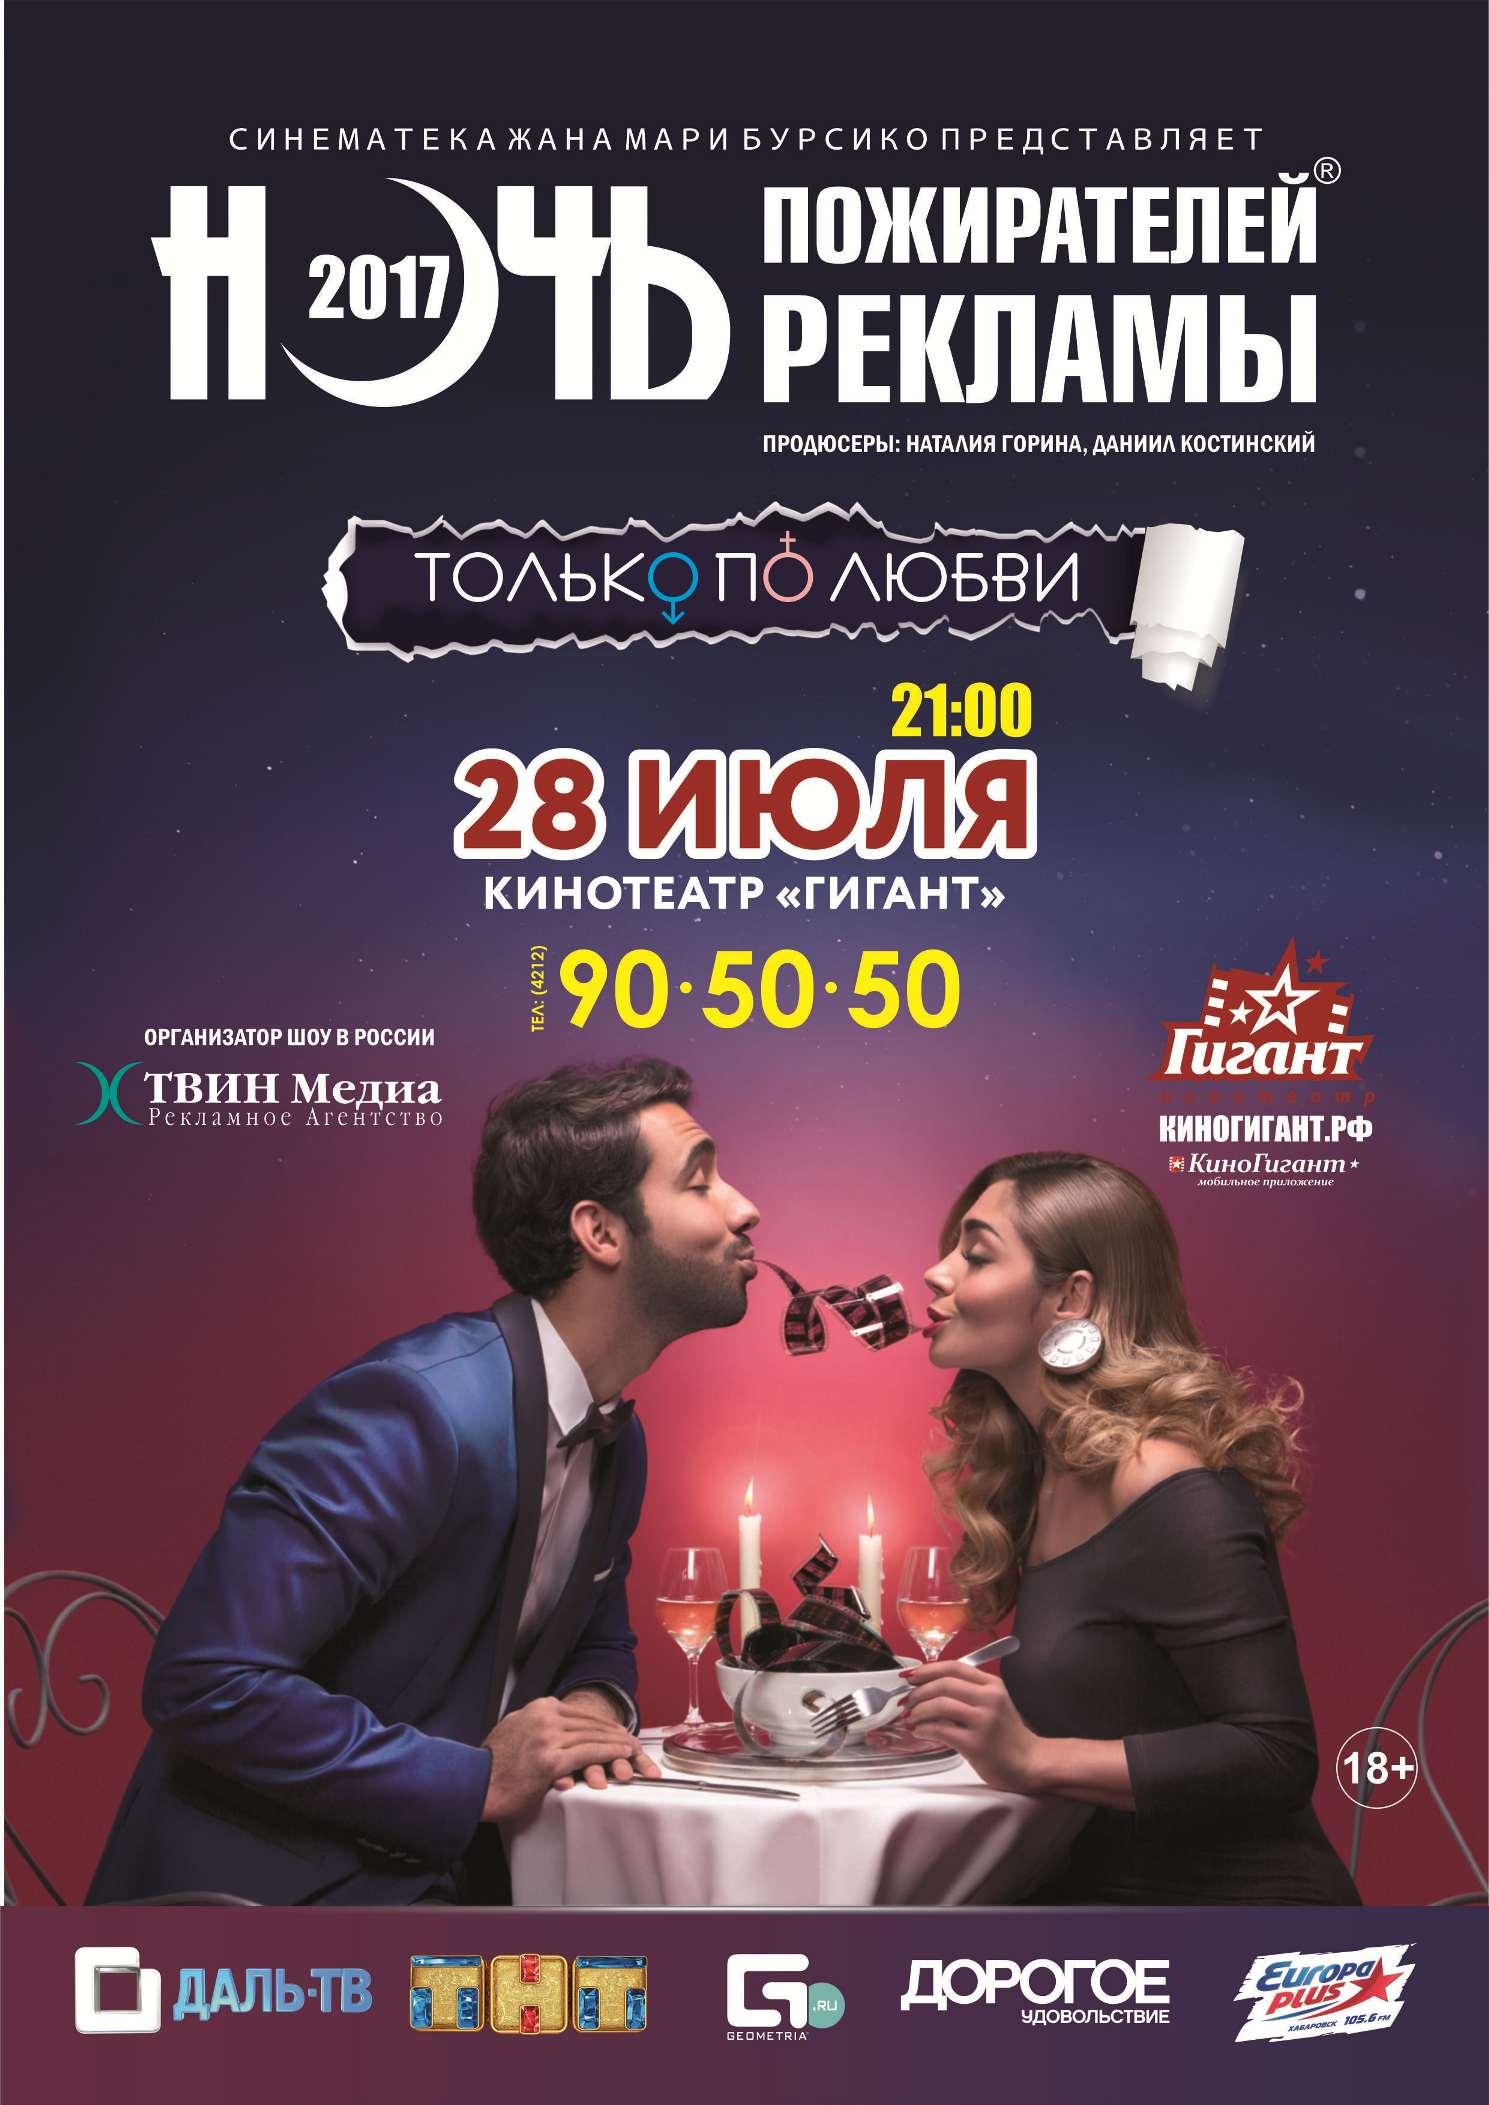 Заказ билет ночь пожирателей рекламы интернет-реклама гостиничных услуг